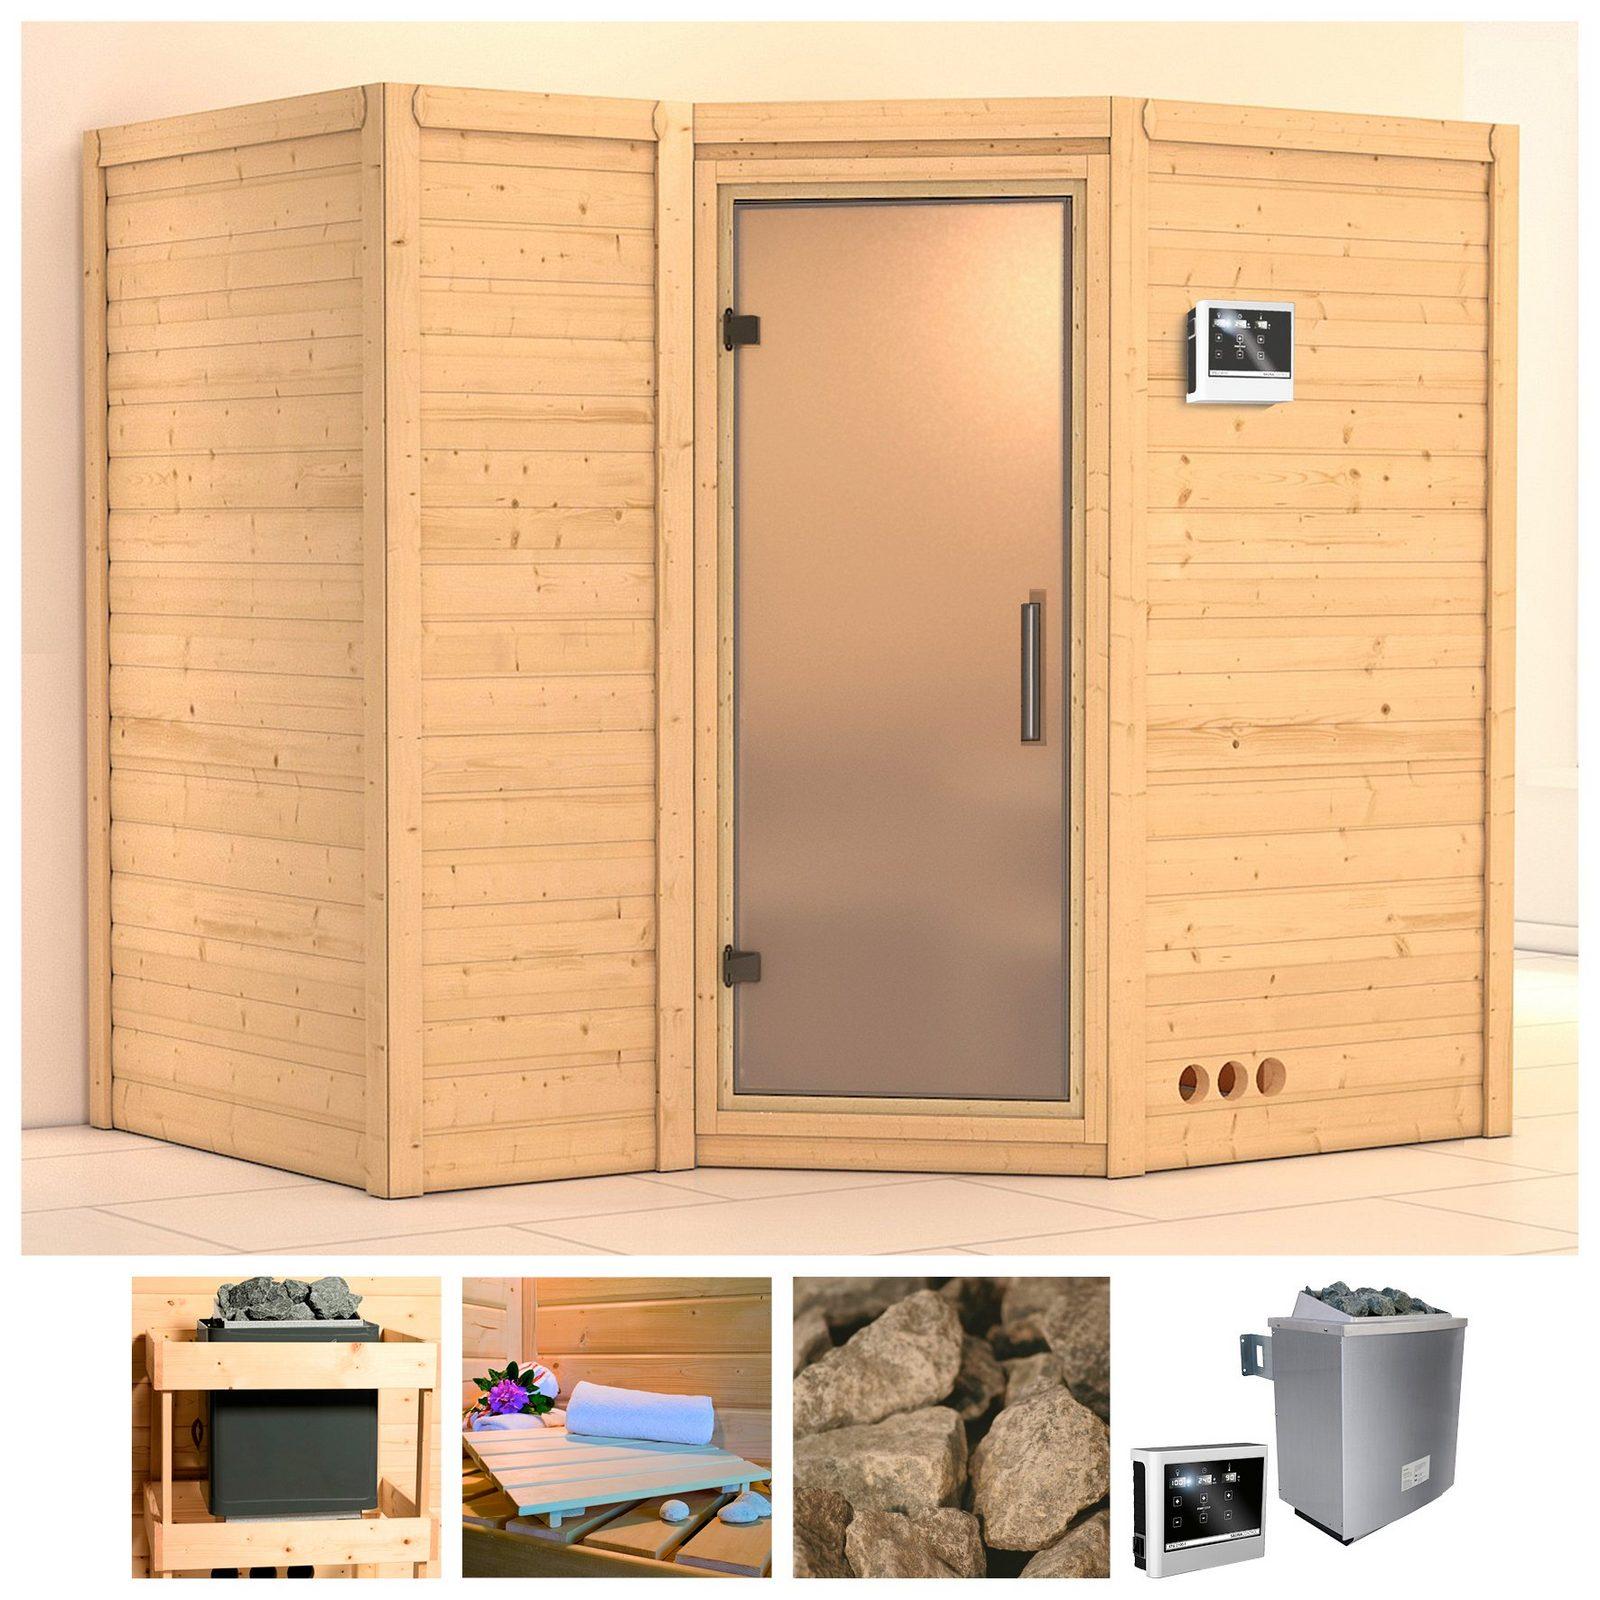 KONIFERA Sauna »Sahib 2«, 236/184/206 cm, 9-kW-Ofen, ext. Steuerung, Glastür satiniert - broschei